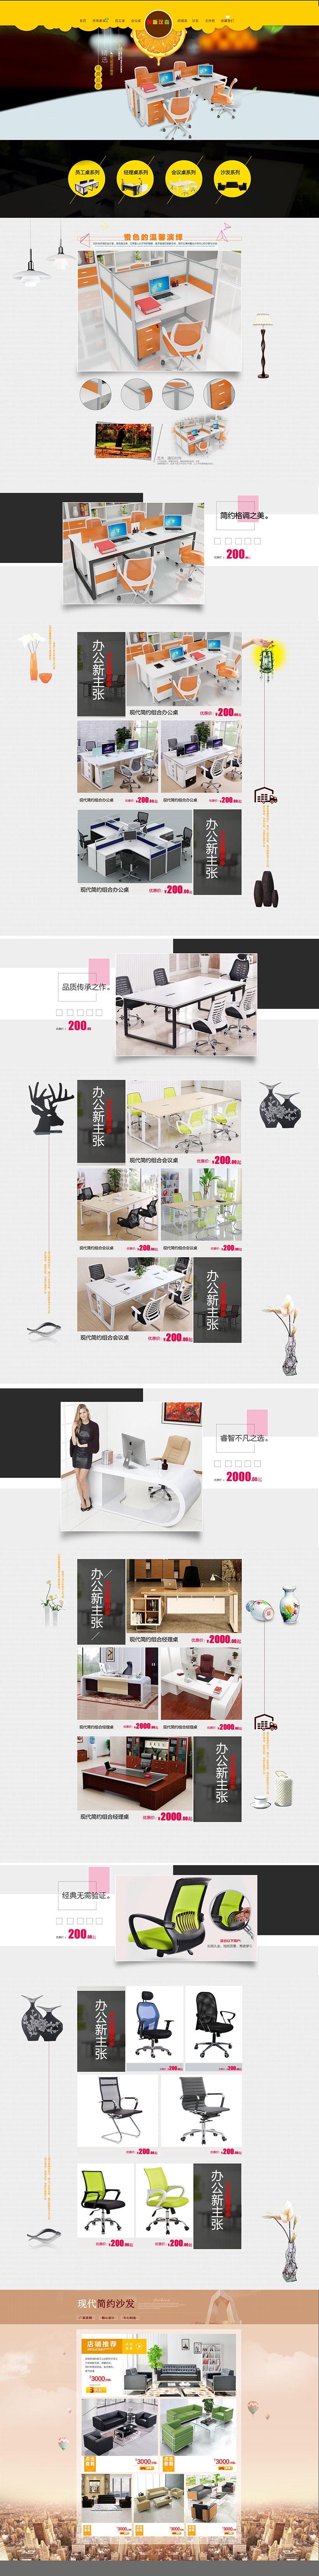 淘宝办公家具促销活动页面设计psd素材